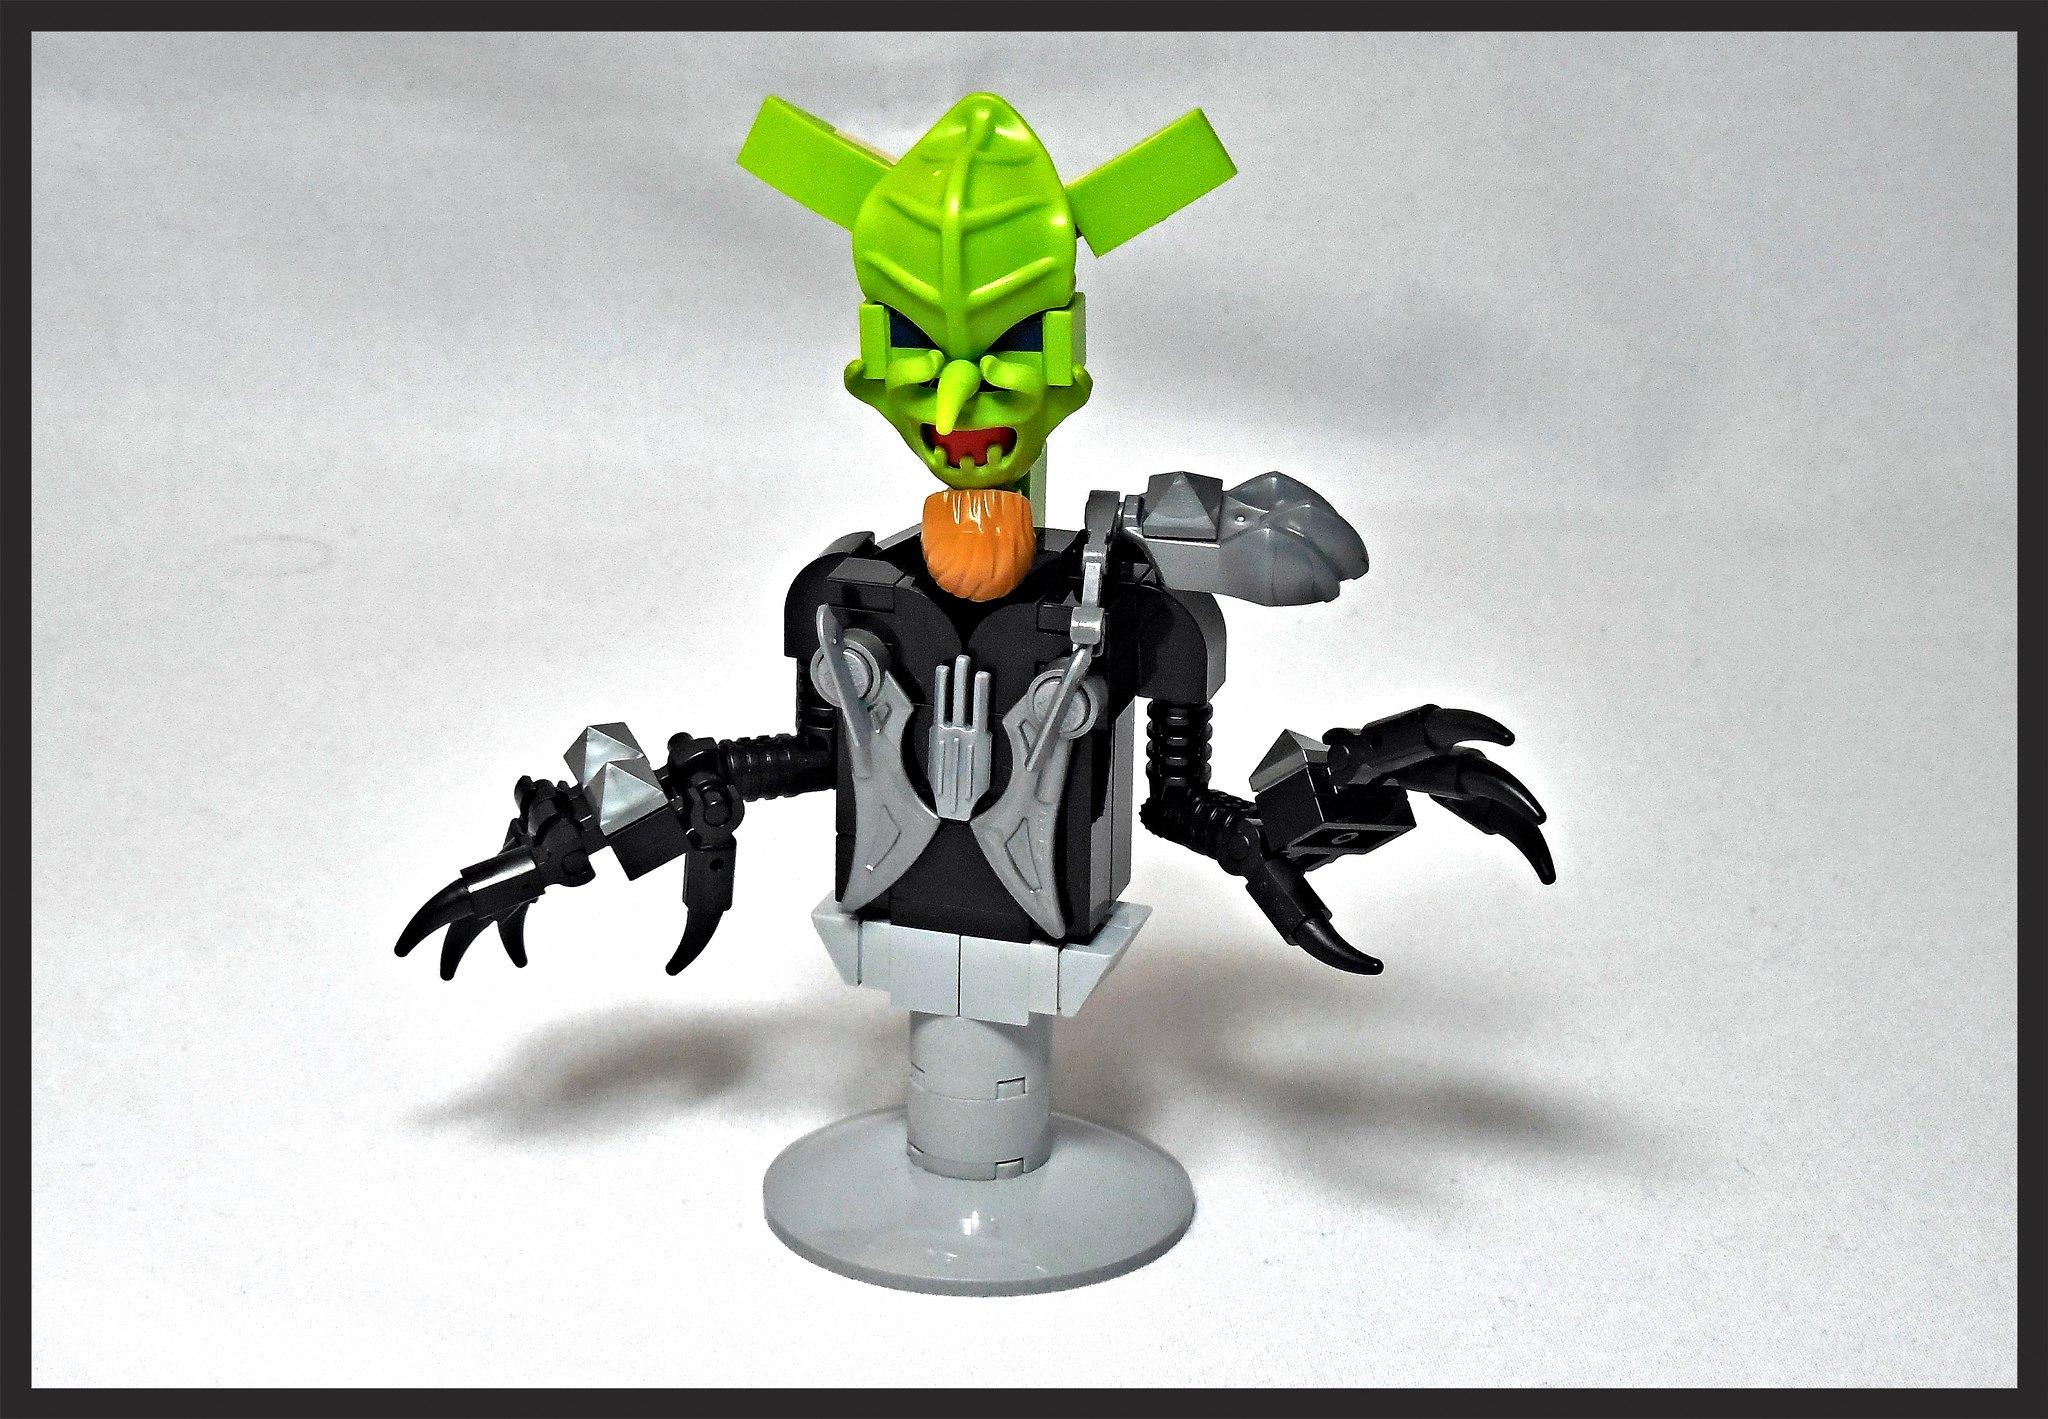 LEGO® MOC by Vitreolum: Nilbog